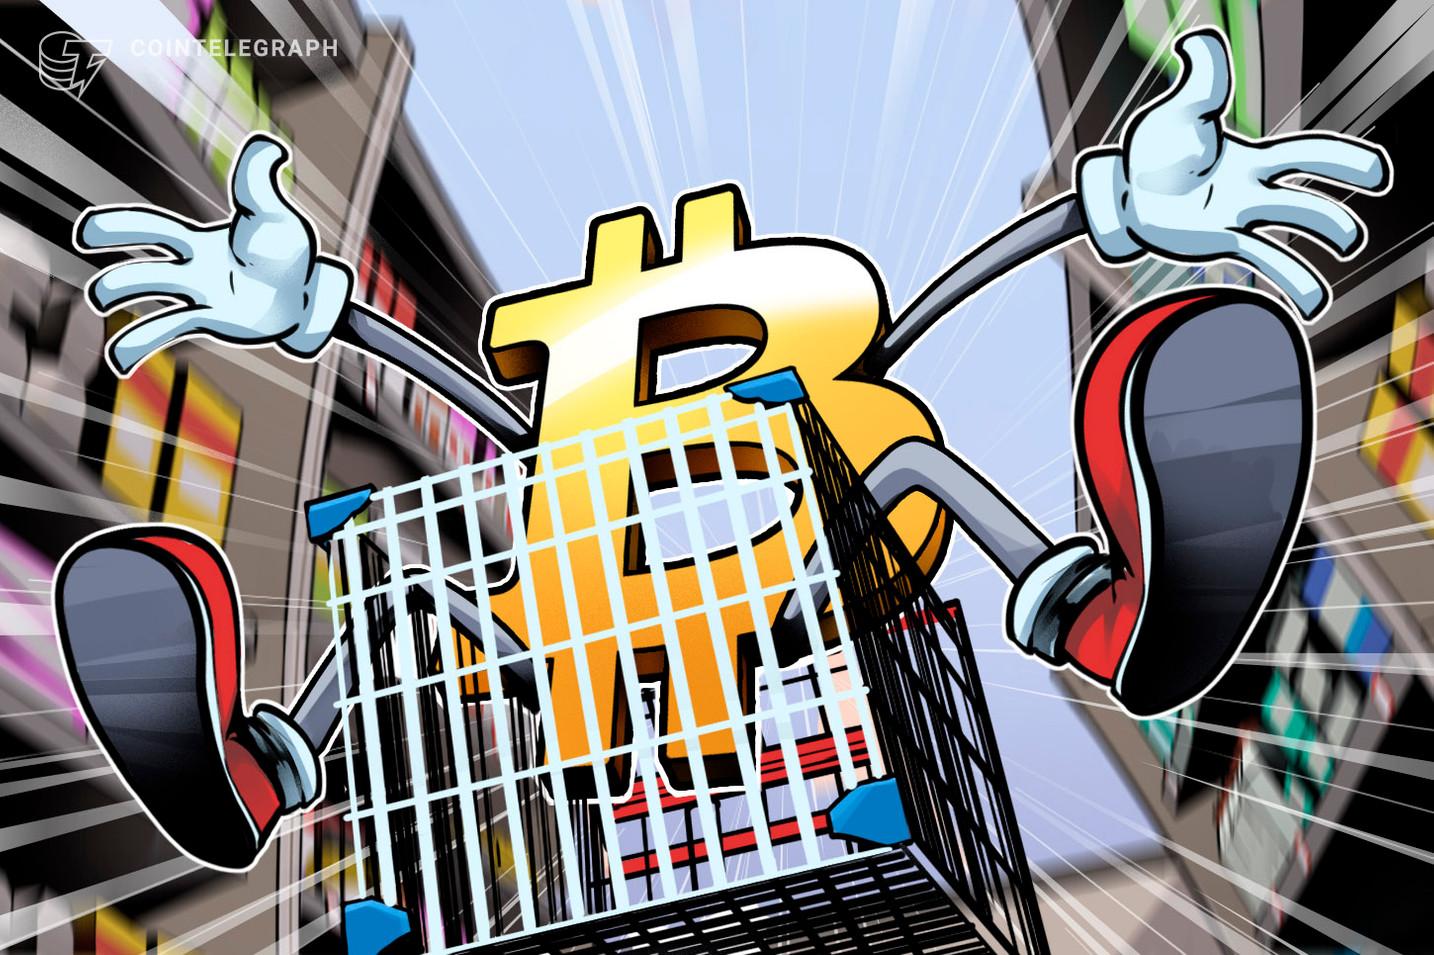 """Bitcoin se encuentra en un """"mercado alcista con descuento"""" a diferencia de las acciones, dice un analista de Bloomberg Intelligence"""